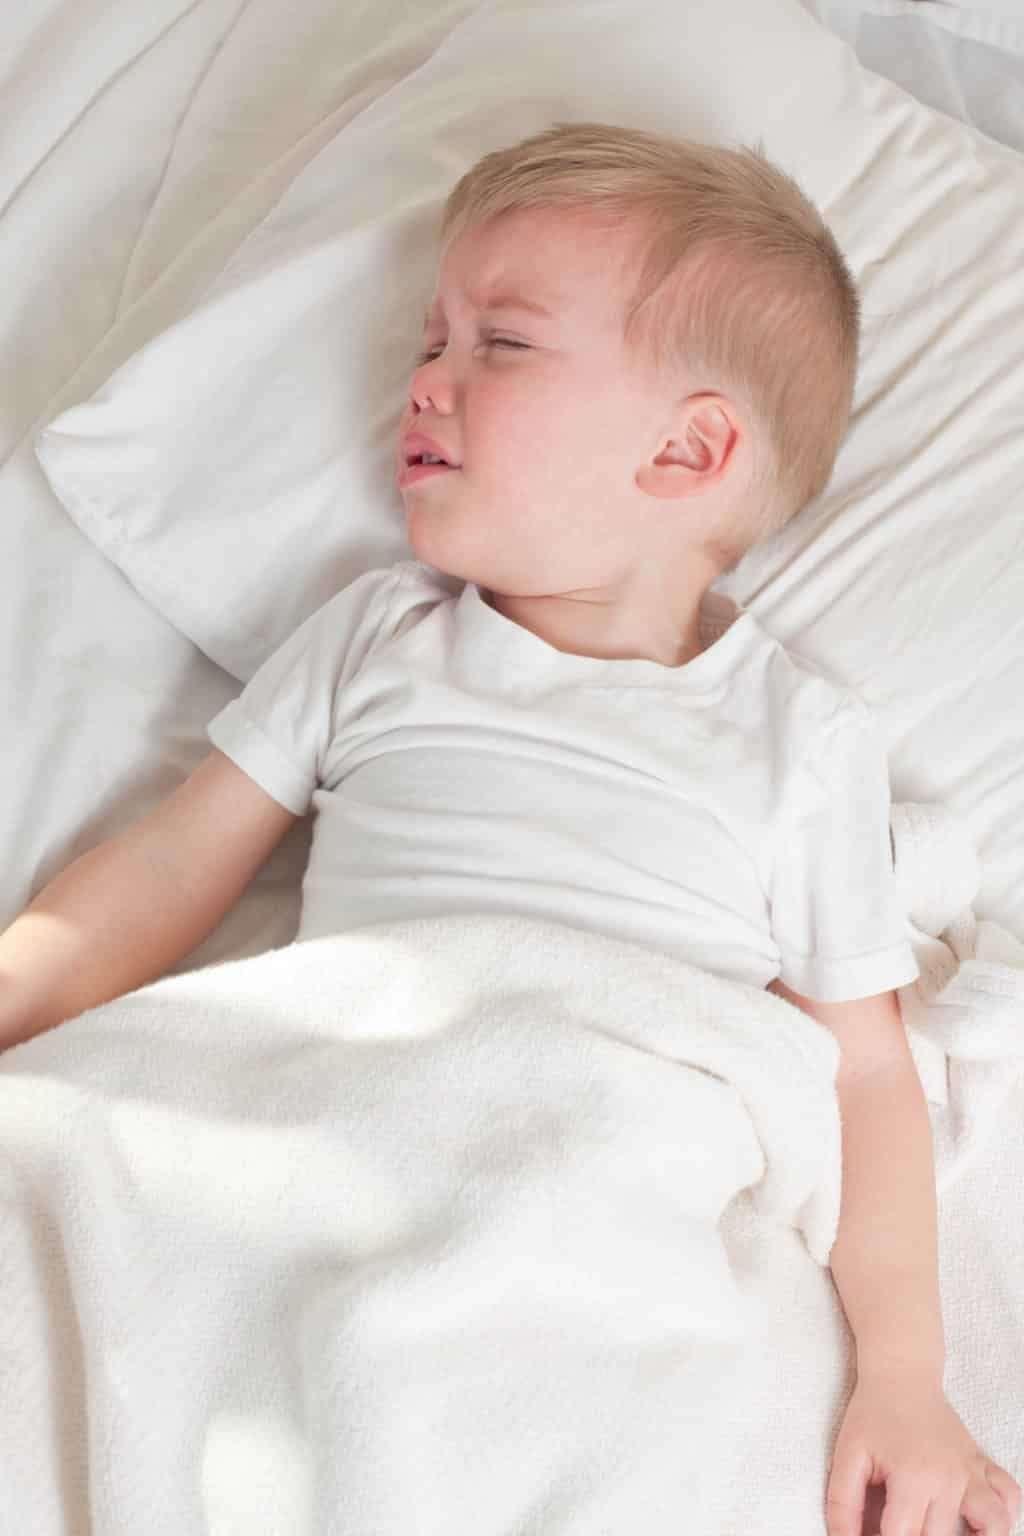 Rosslig eller ansträngd andning –  guide när ditt barn har svårt att andas